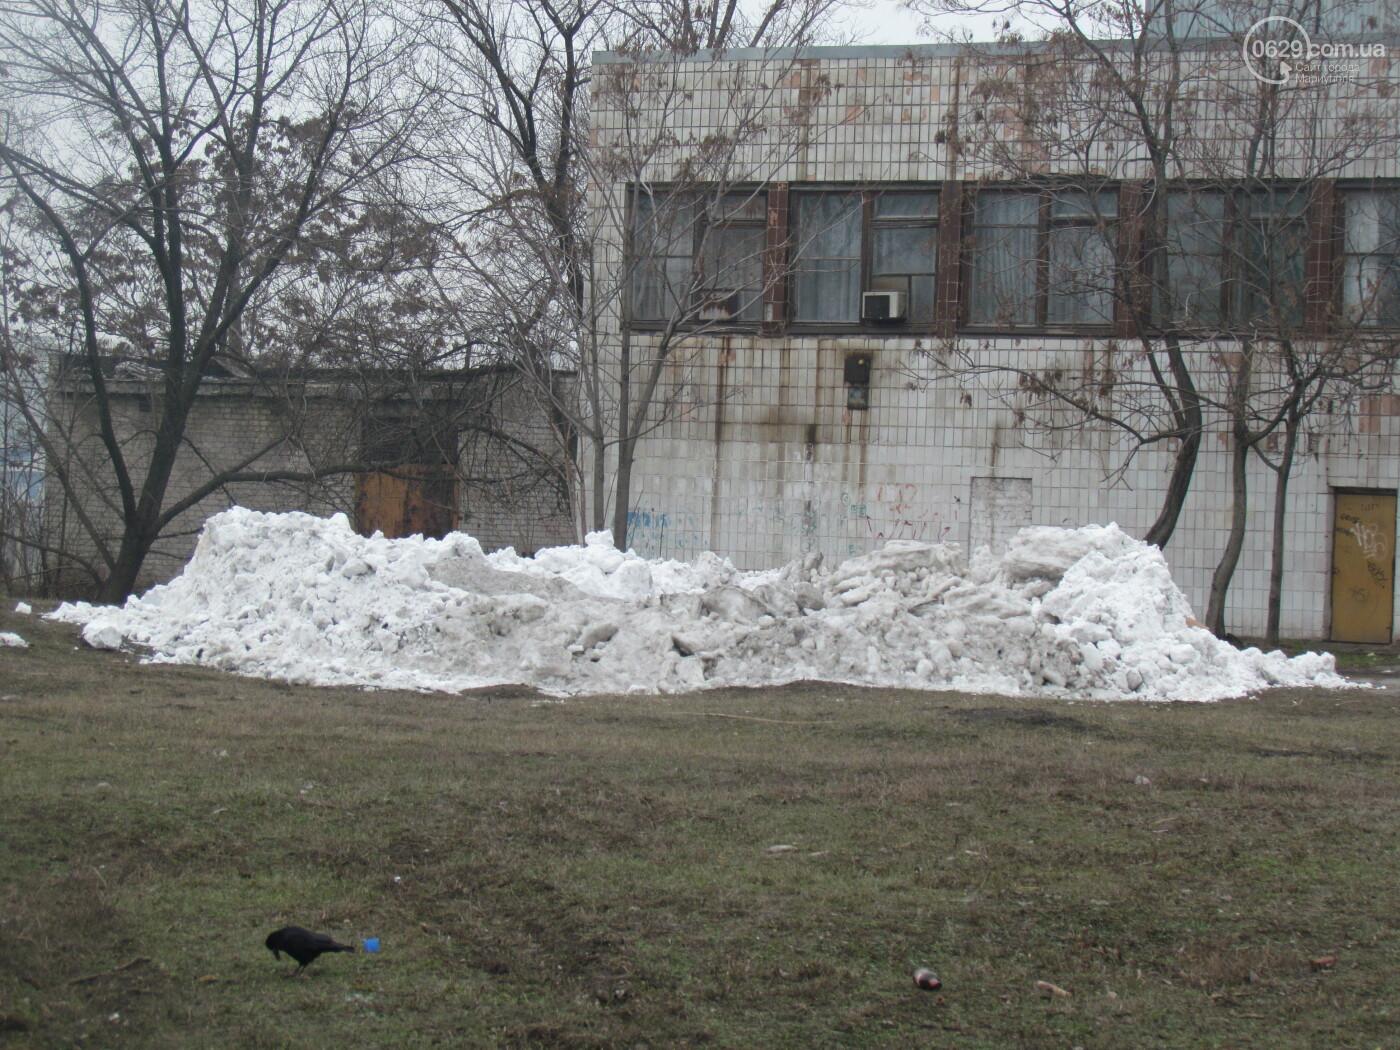 В Мариуполе на ул. Итальянской выросла снежная гора, - ФОТОФАКТ, фото-6